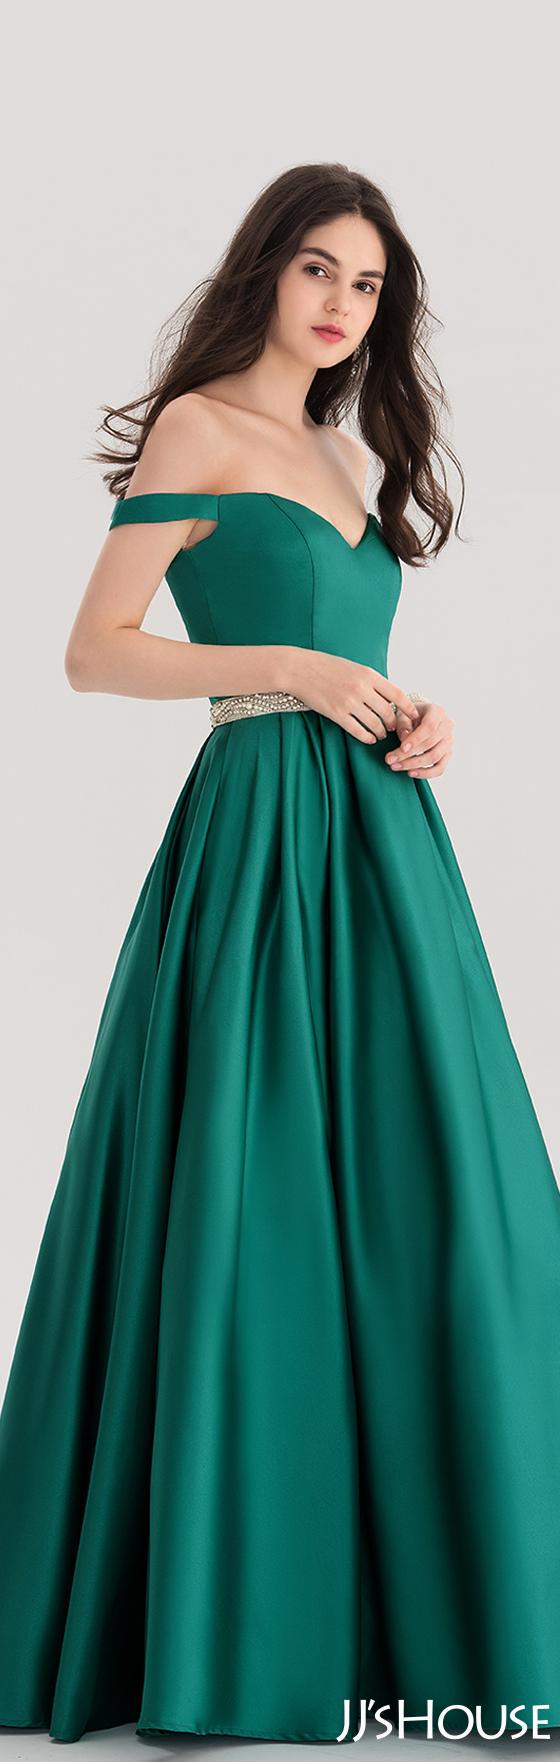 Ballgown offtheshoulder floorlength satin prom dress with